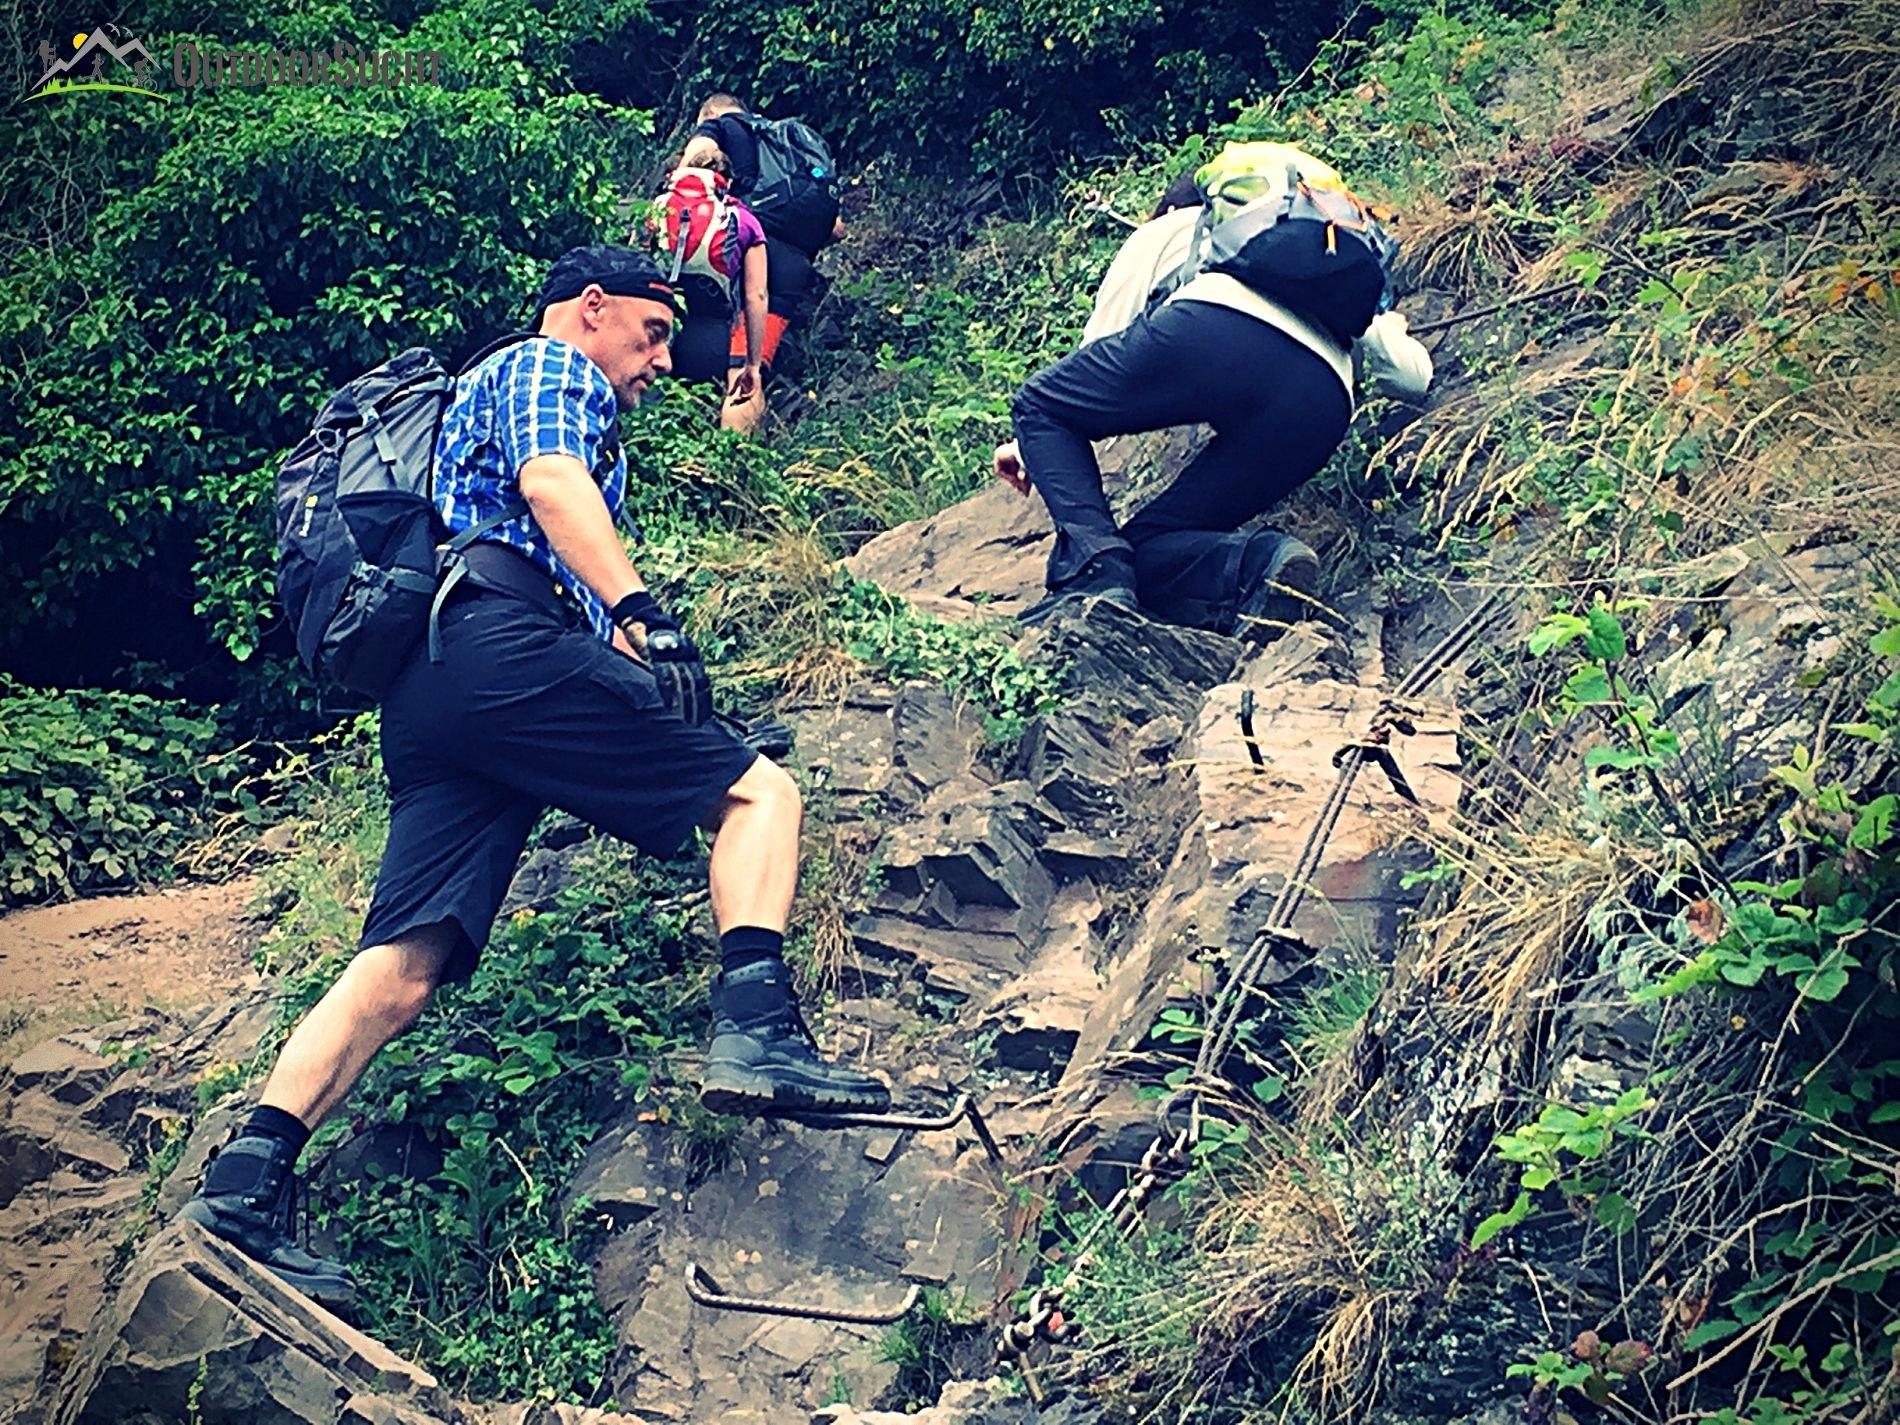 Klettersteig Calmont : Calmont klettersteig die moselsteig etappe mit nervenkitzel